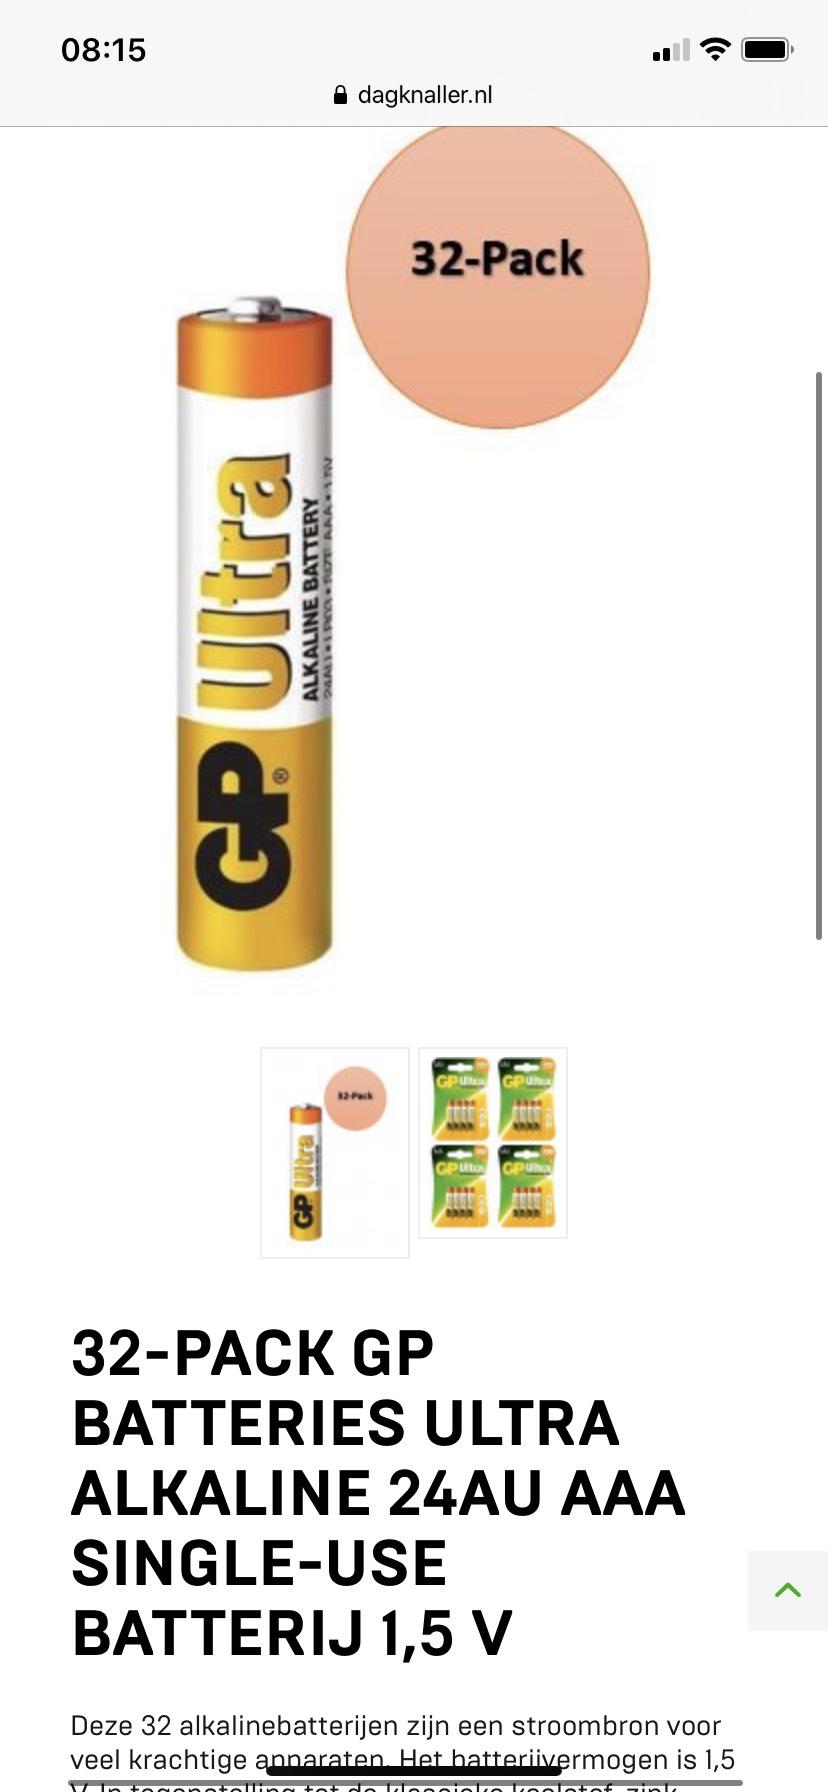 32-pack Gp Batteries Ultra Alkaline 24au Aaa Single-use Batterij 1,5 V